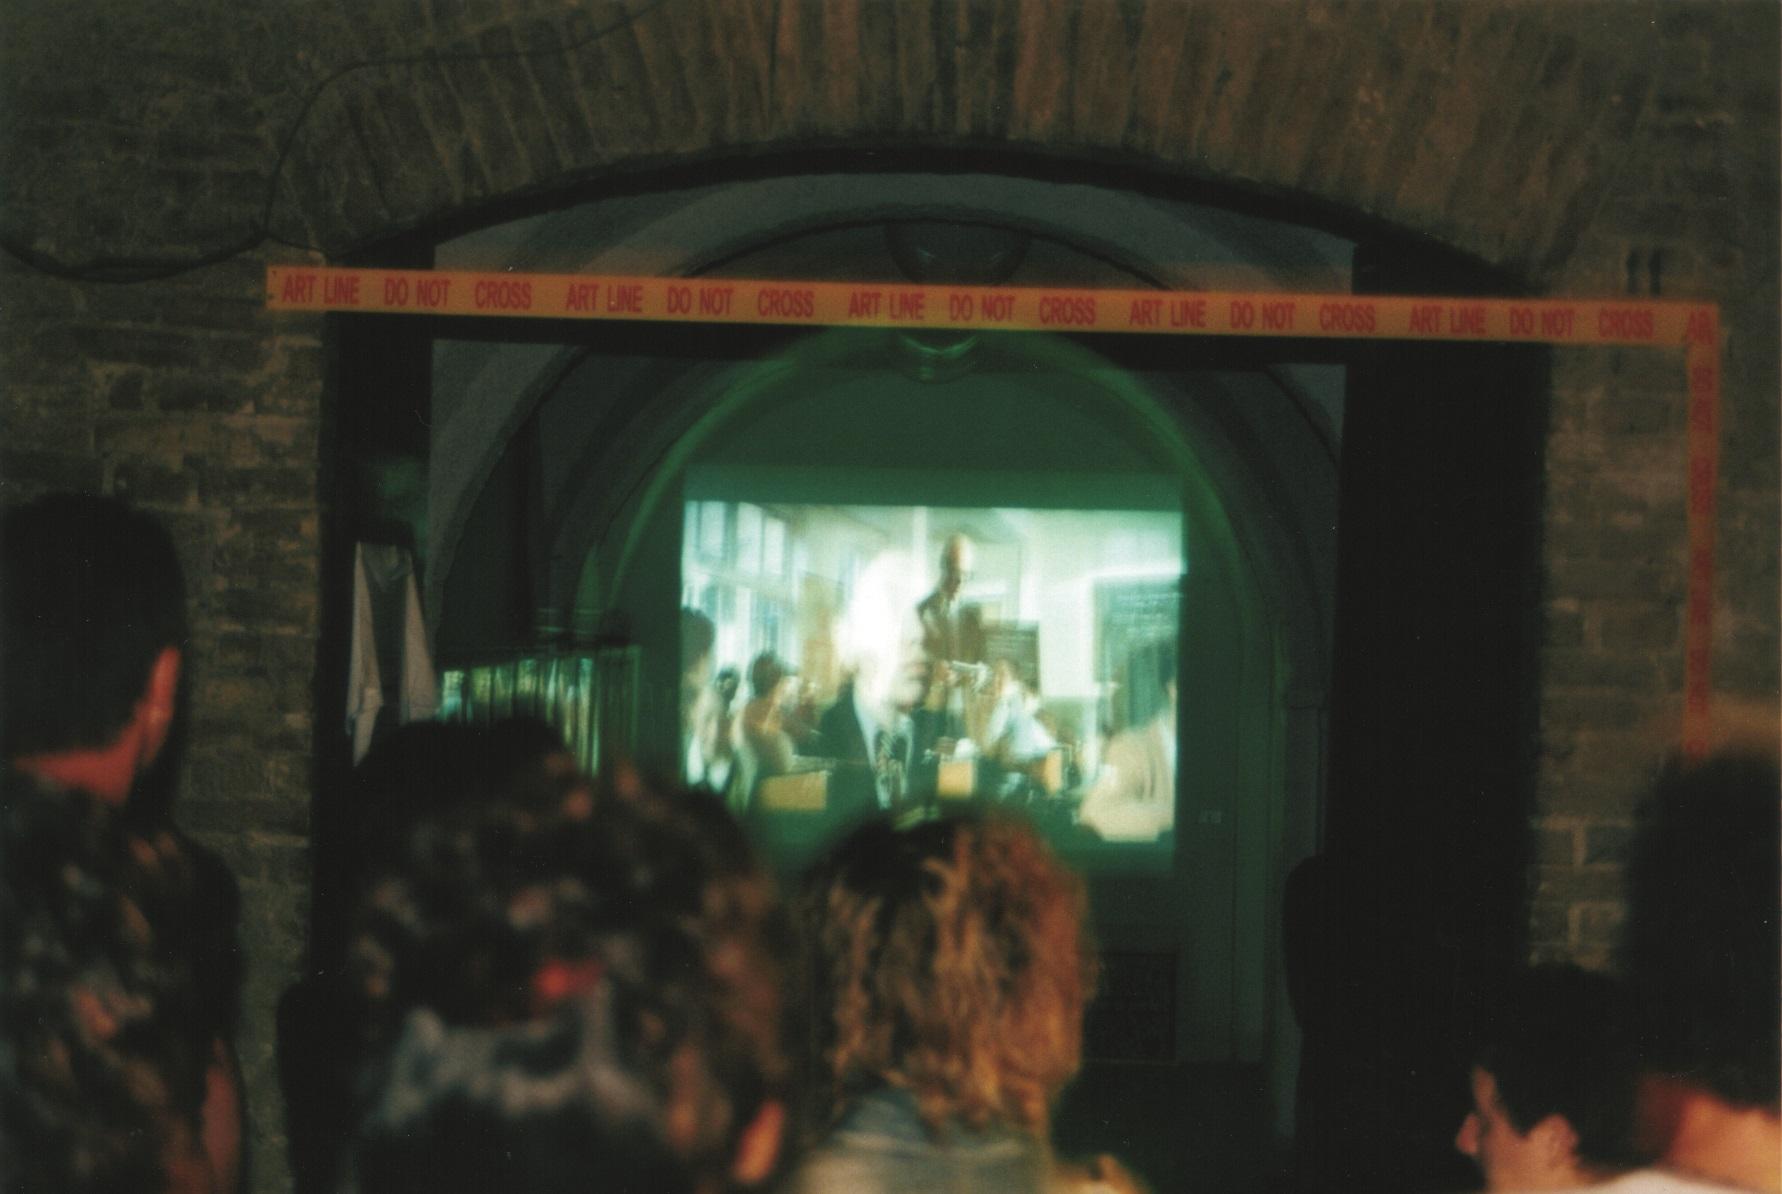 2003. JPEG